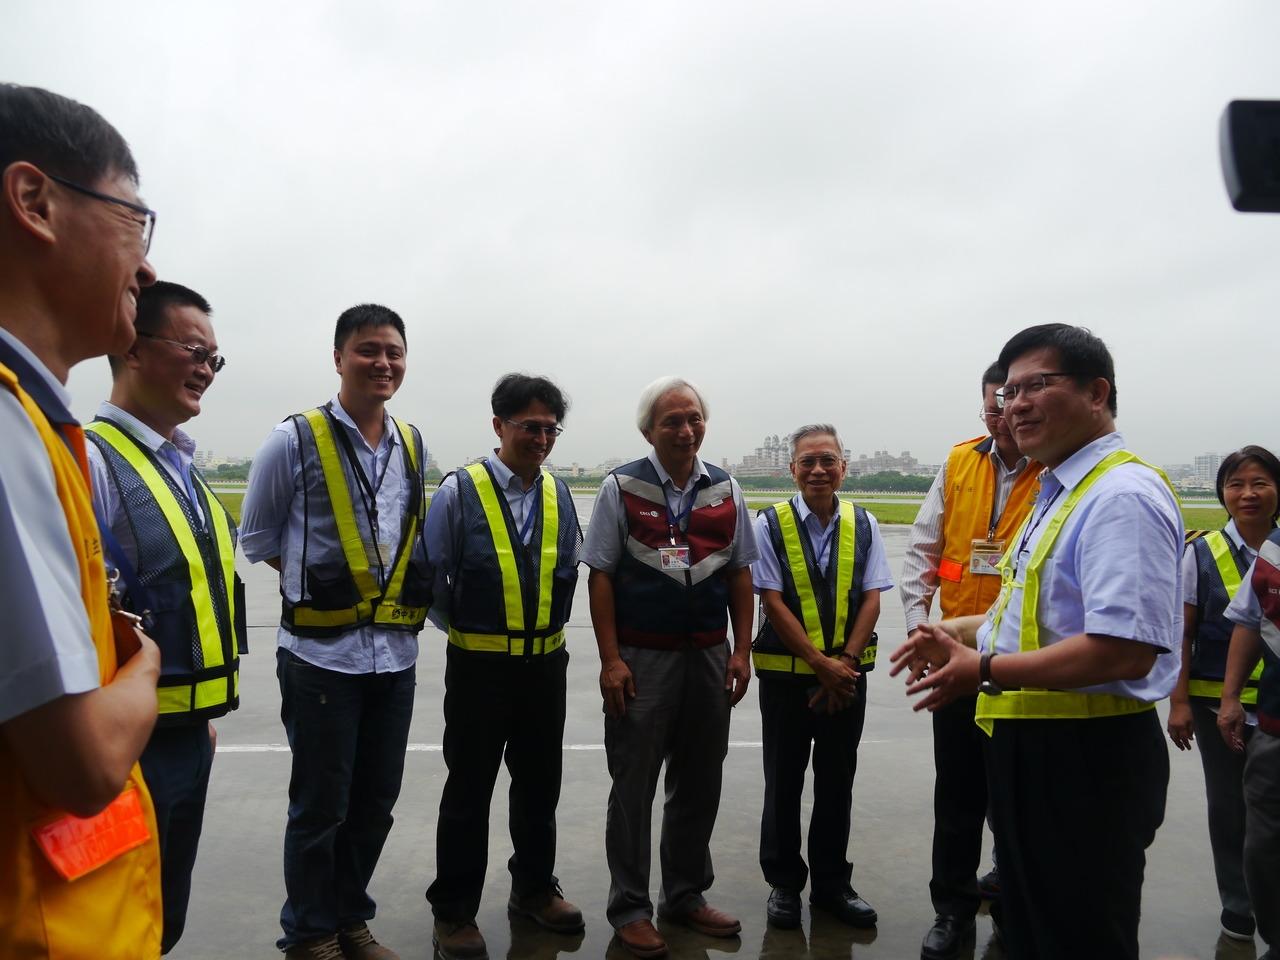 交通部長林佳龍(右)視察高雄機場跑道整建工程完工現況,慰勉第一線人員辛勞。記者徐白櫻/攝影